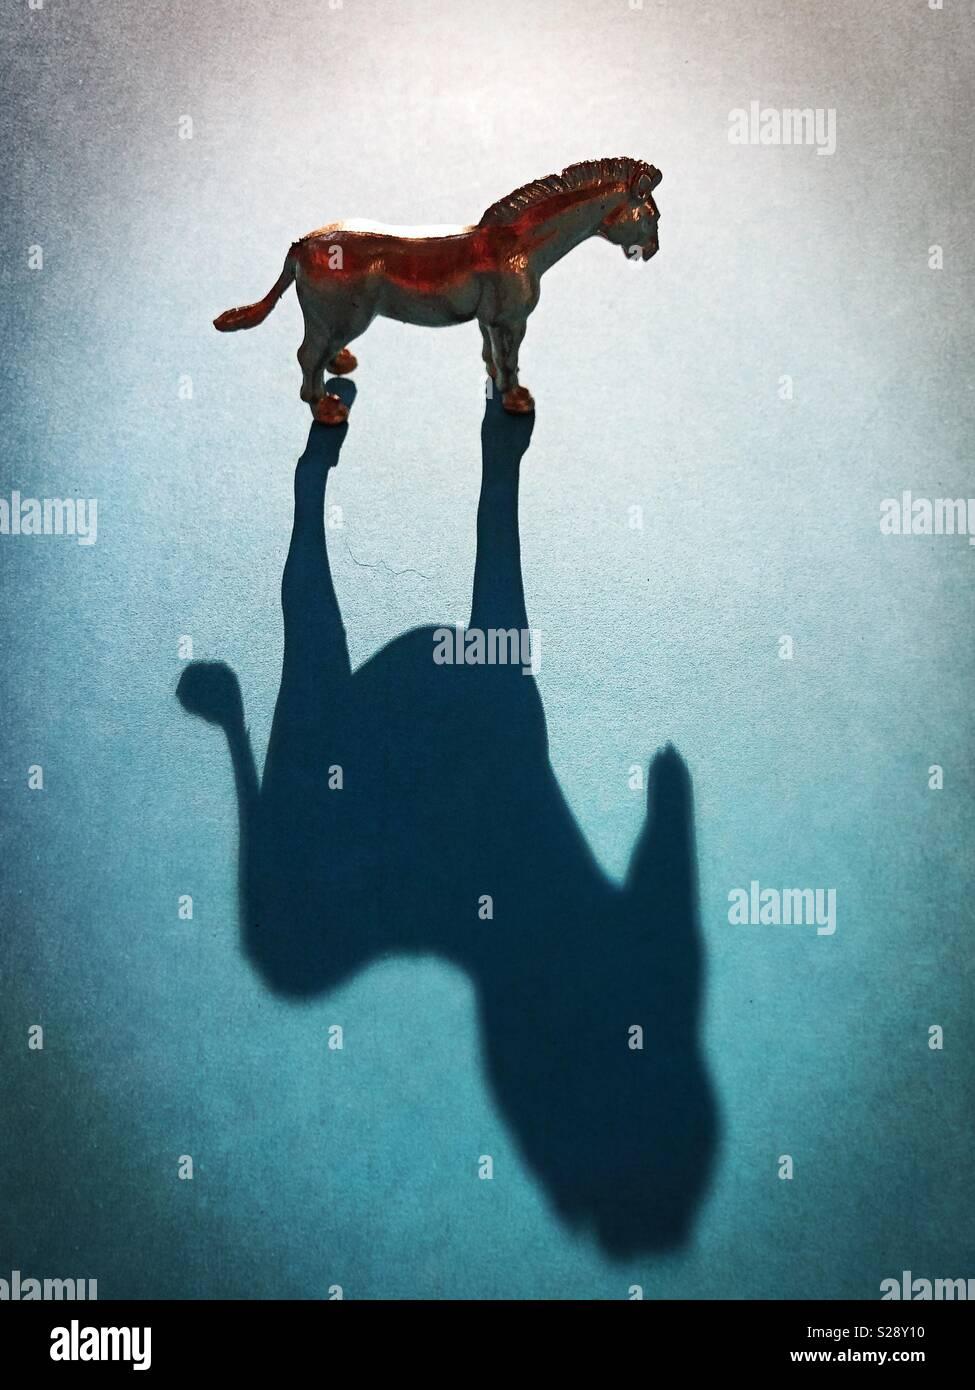 Un cavallo in oro e figurine di ombra. Immagini Stock